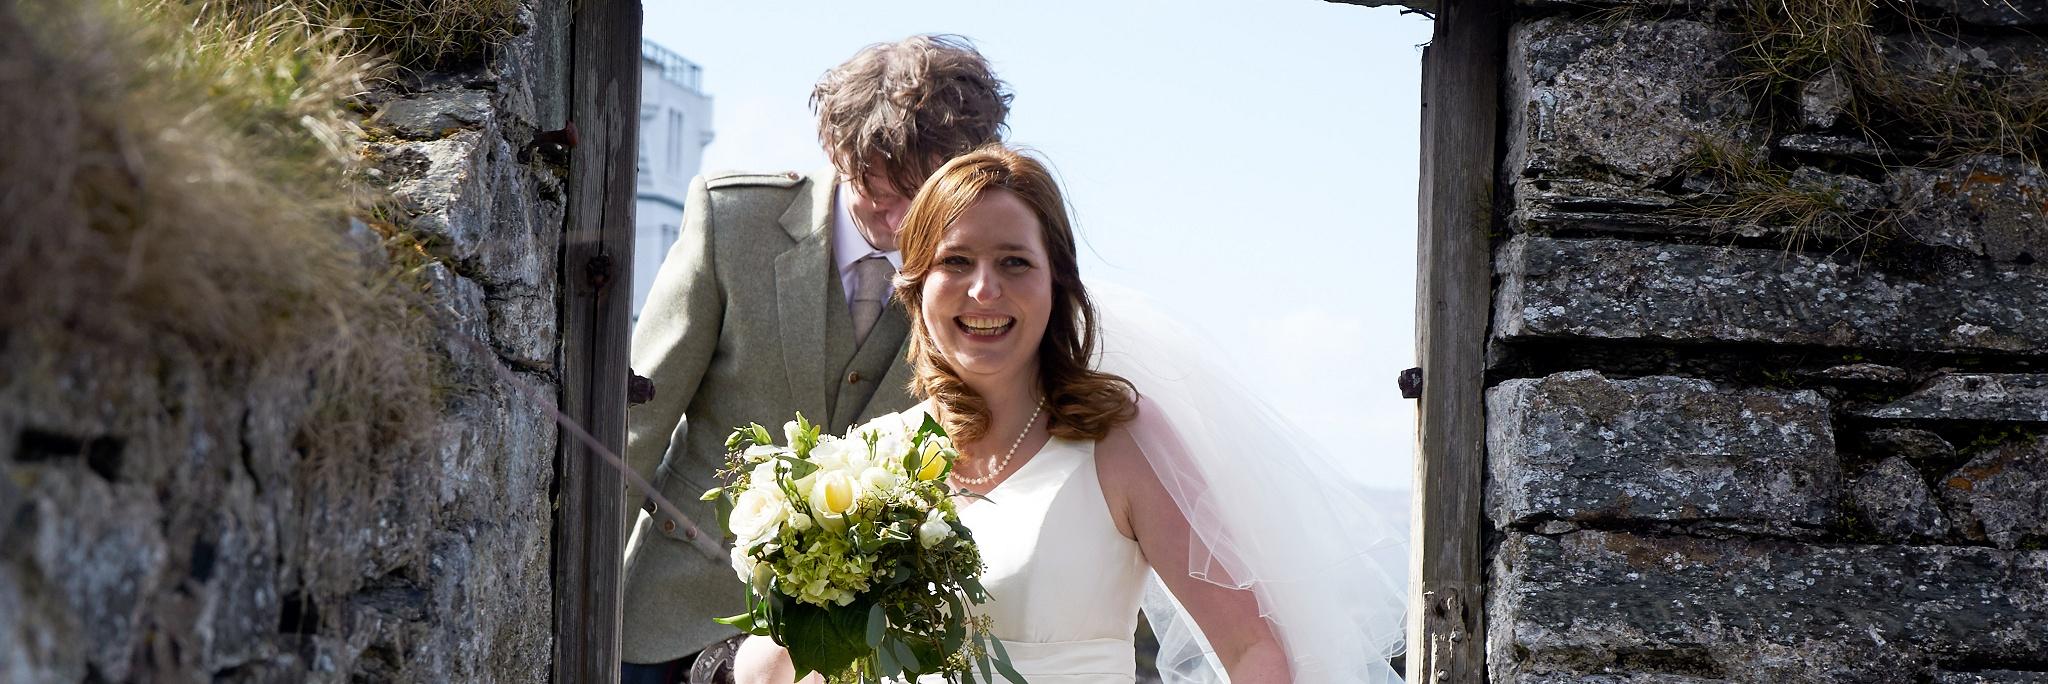 Wedding 6 440 Jpg